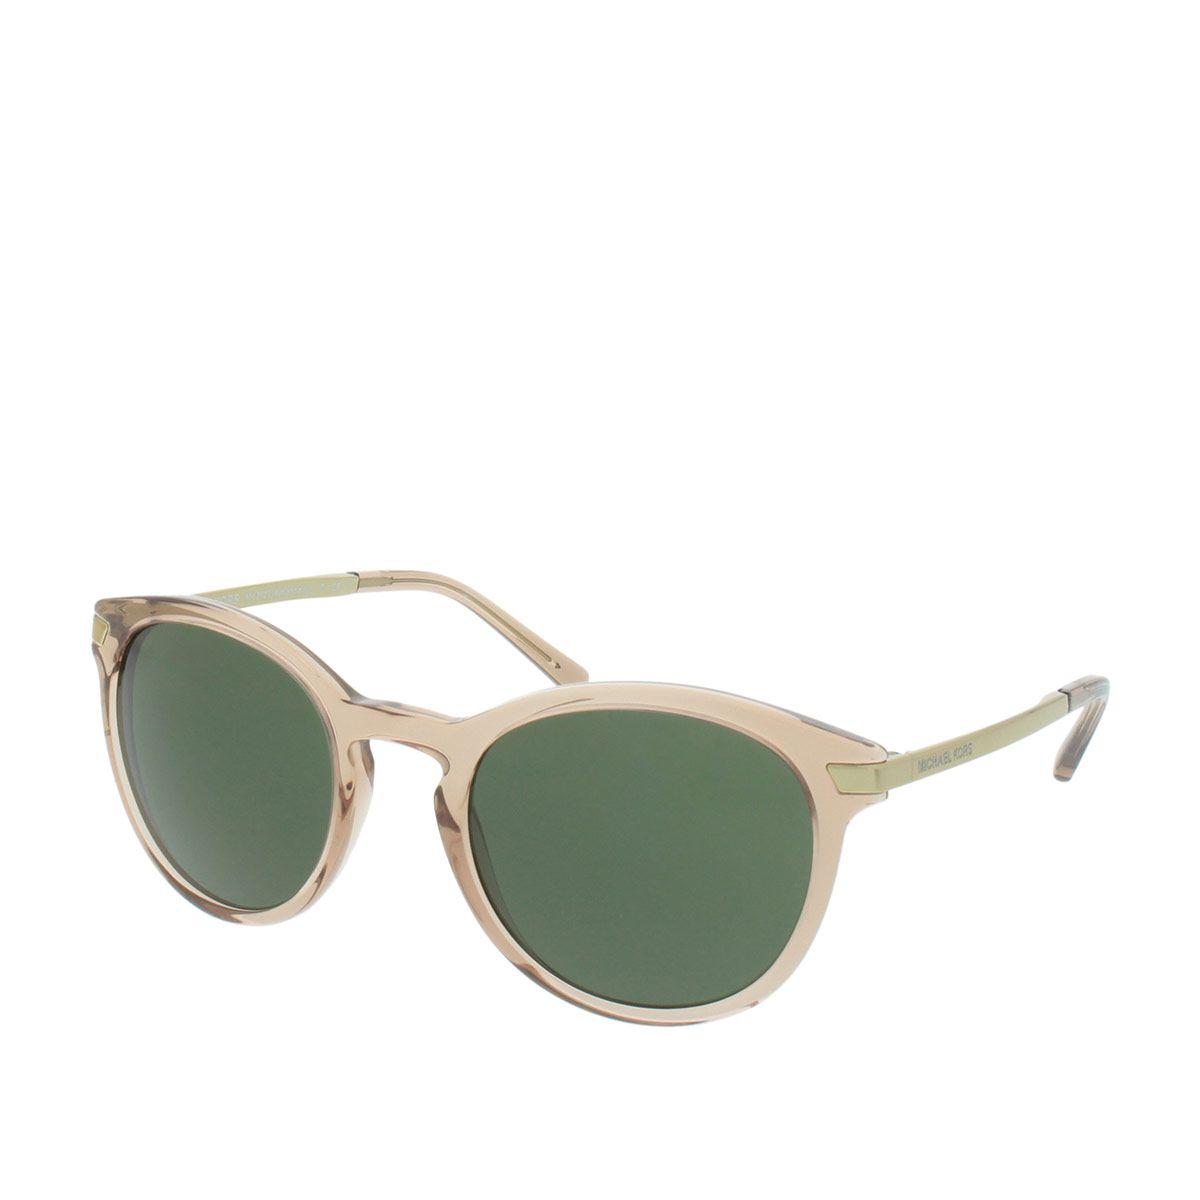 e00988f25 Sonnenbrille, Michael Kors, MK 0MK2023 53 330271 | Accessoires ...